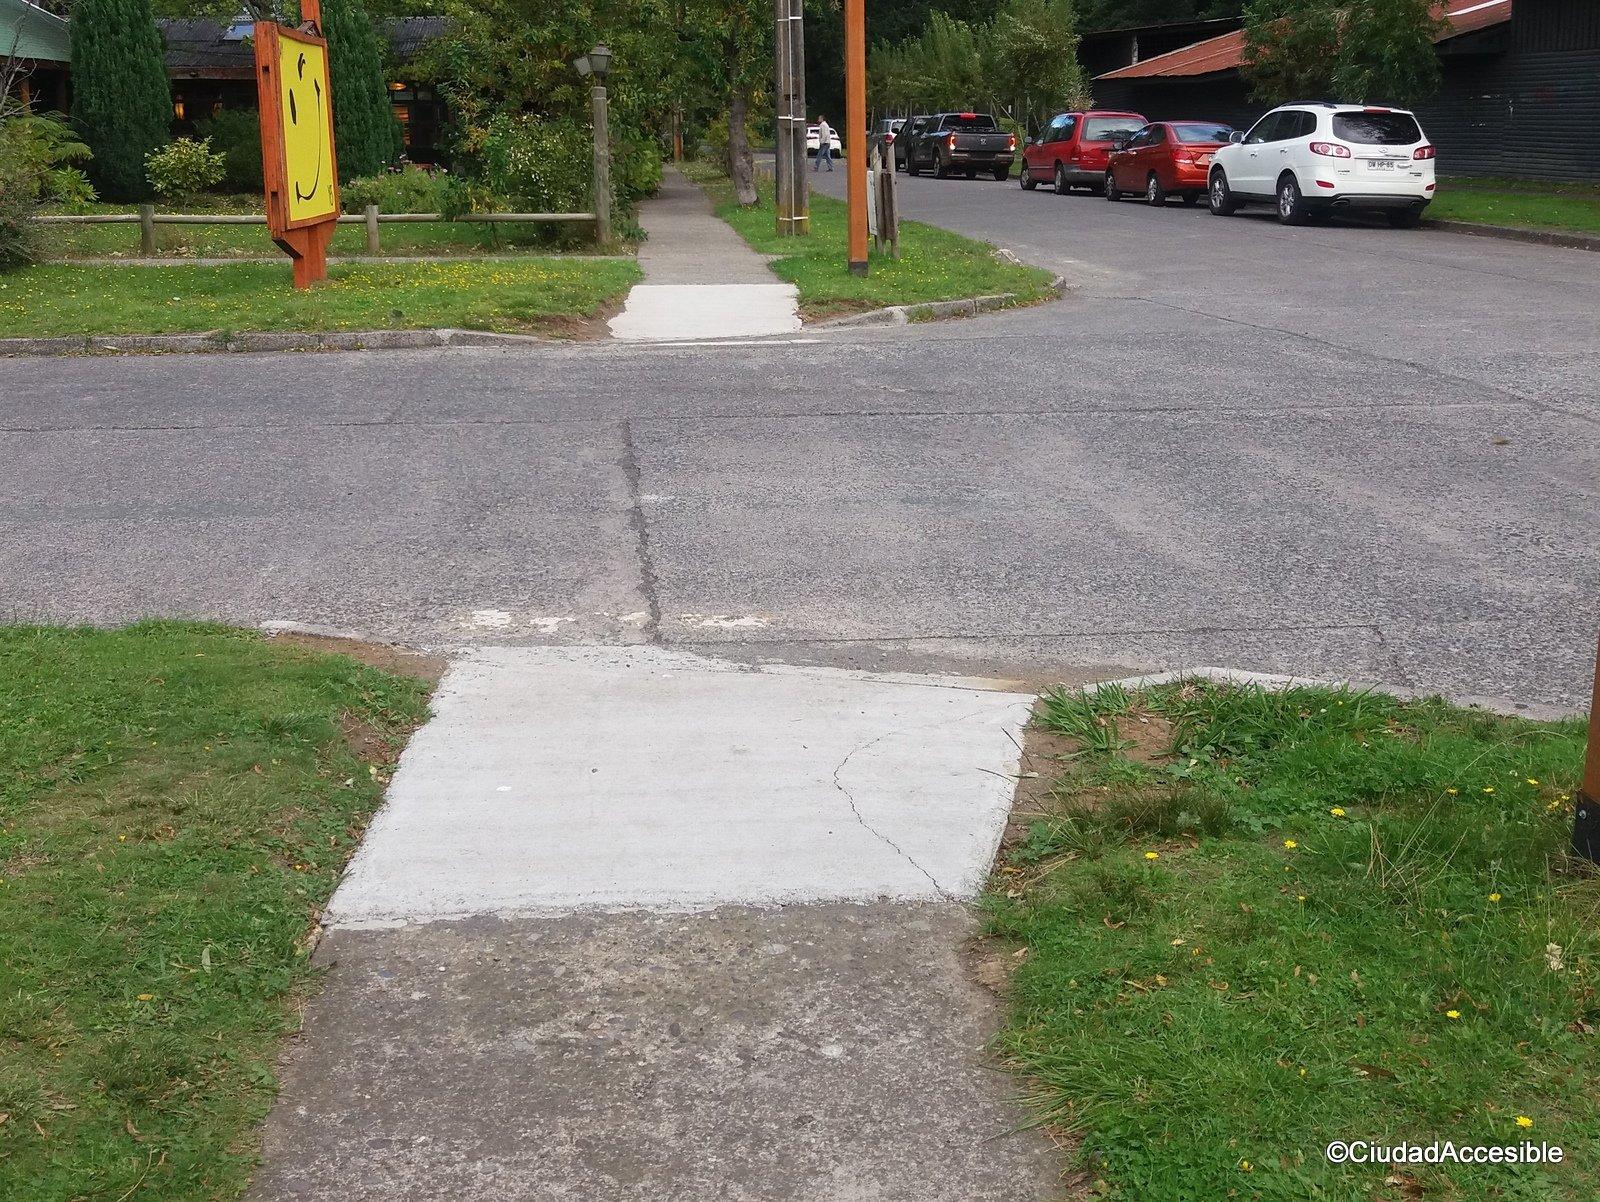 rebajes peatonales fuera de norma requieren franja táctil de advertencia al inicio de la rampa